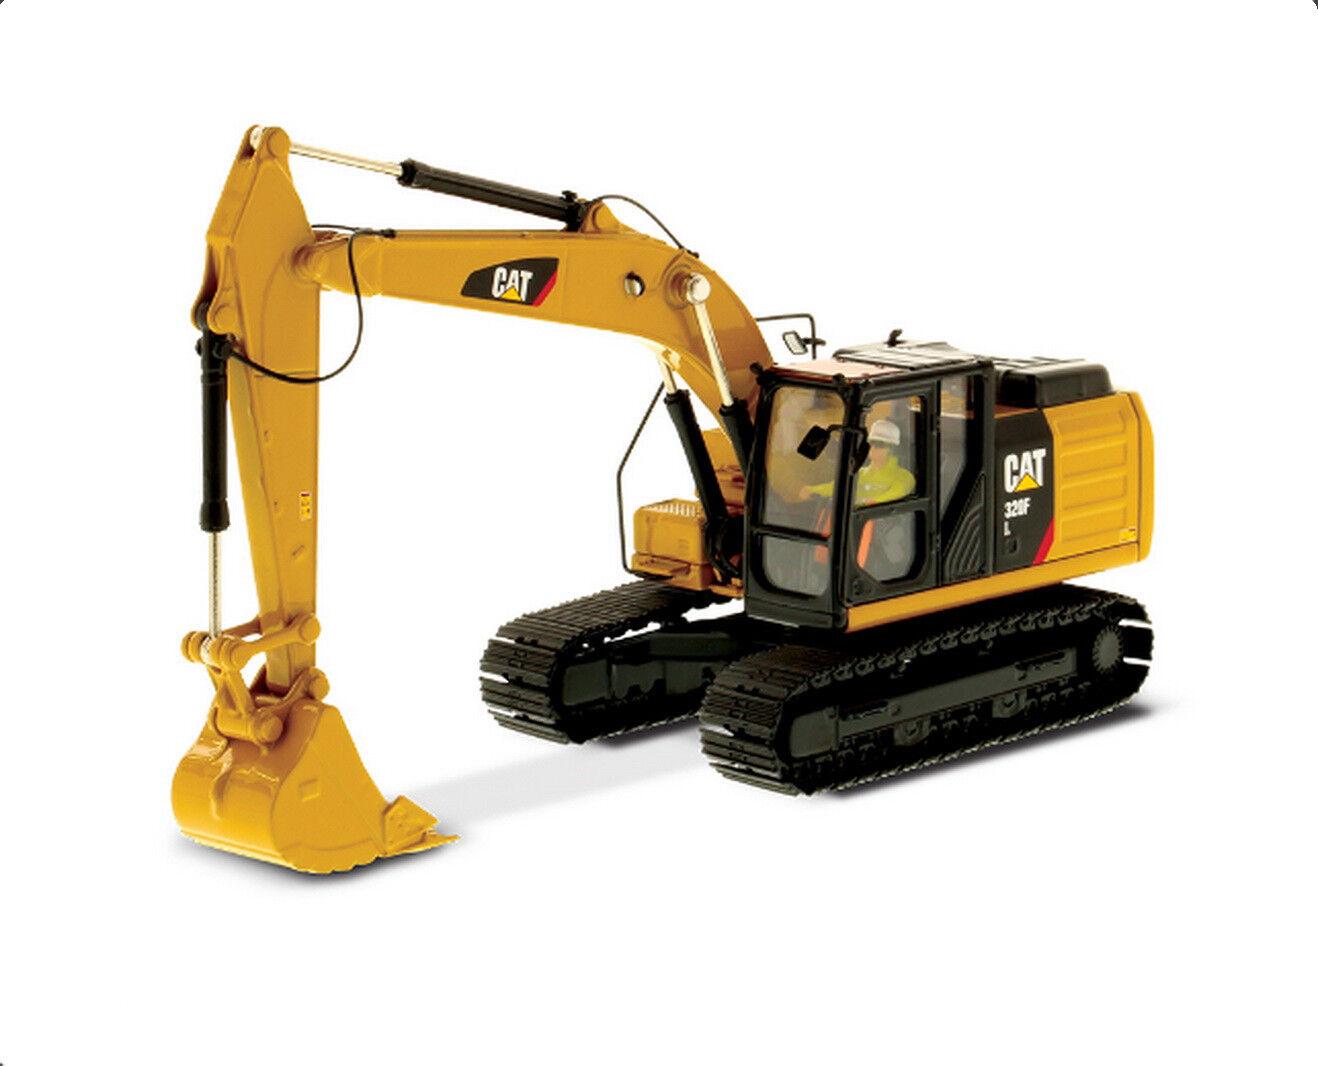 1/50 DM Caterpillar Cat 320F L Hydraulic Excavator Diecast Models 85931